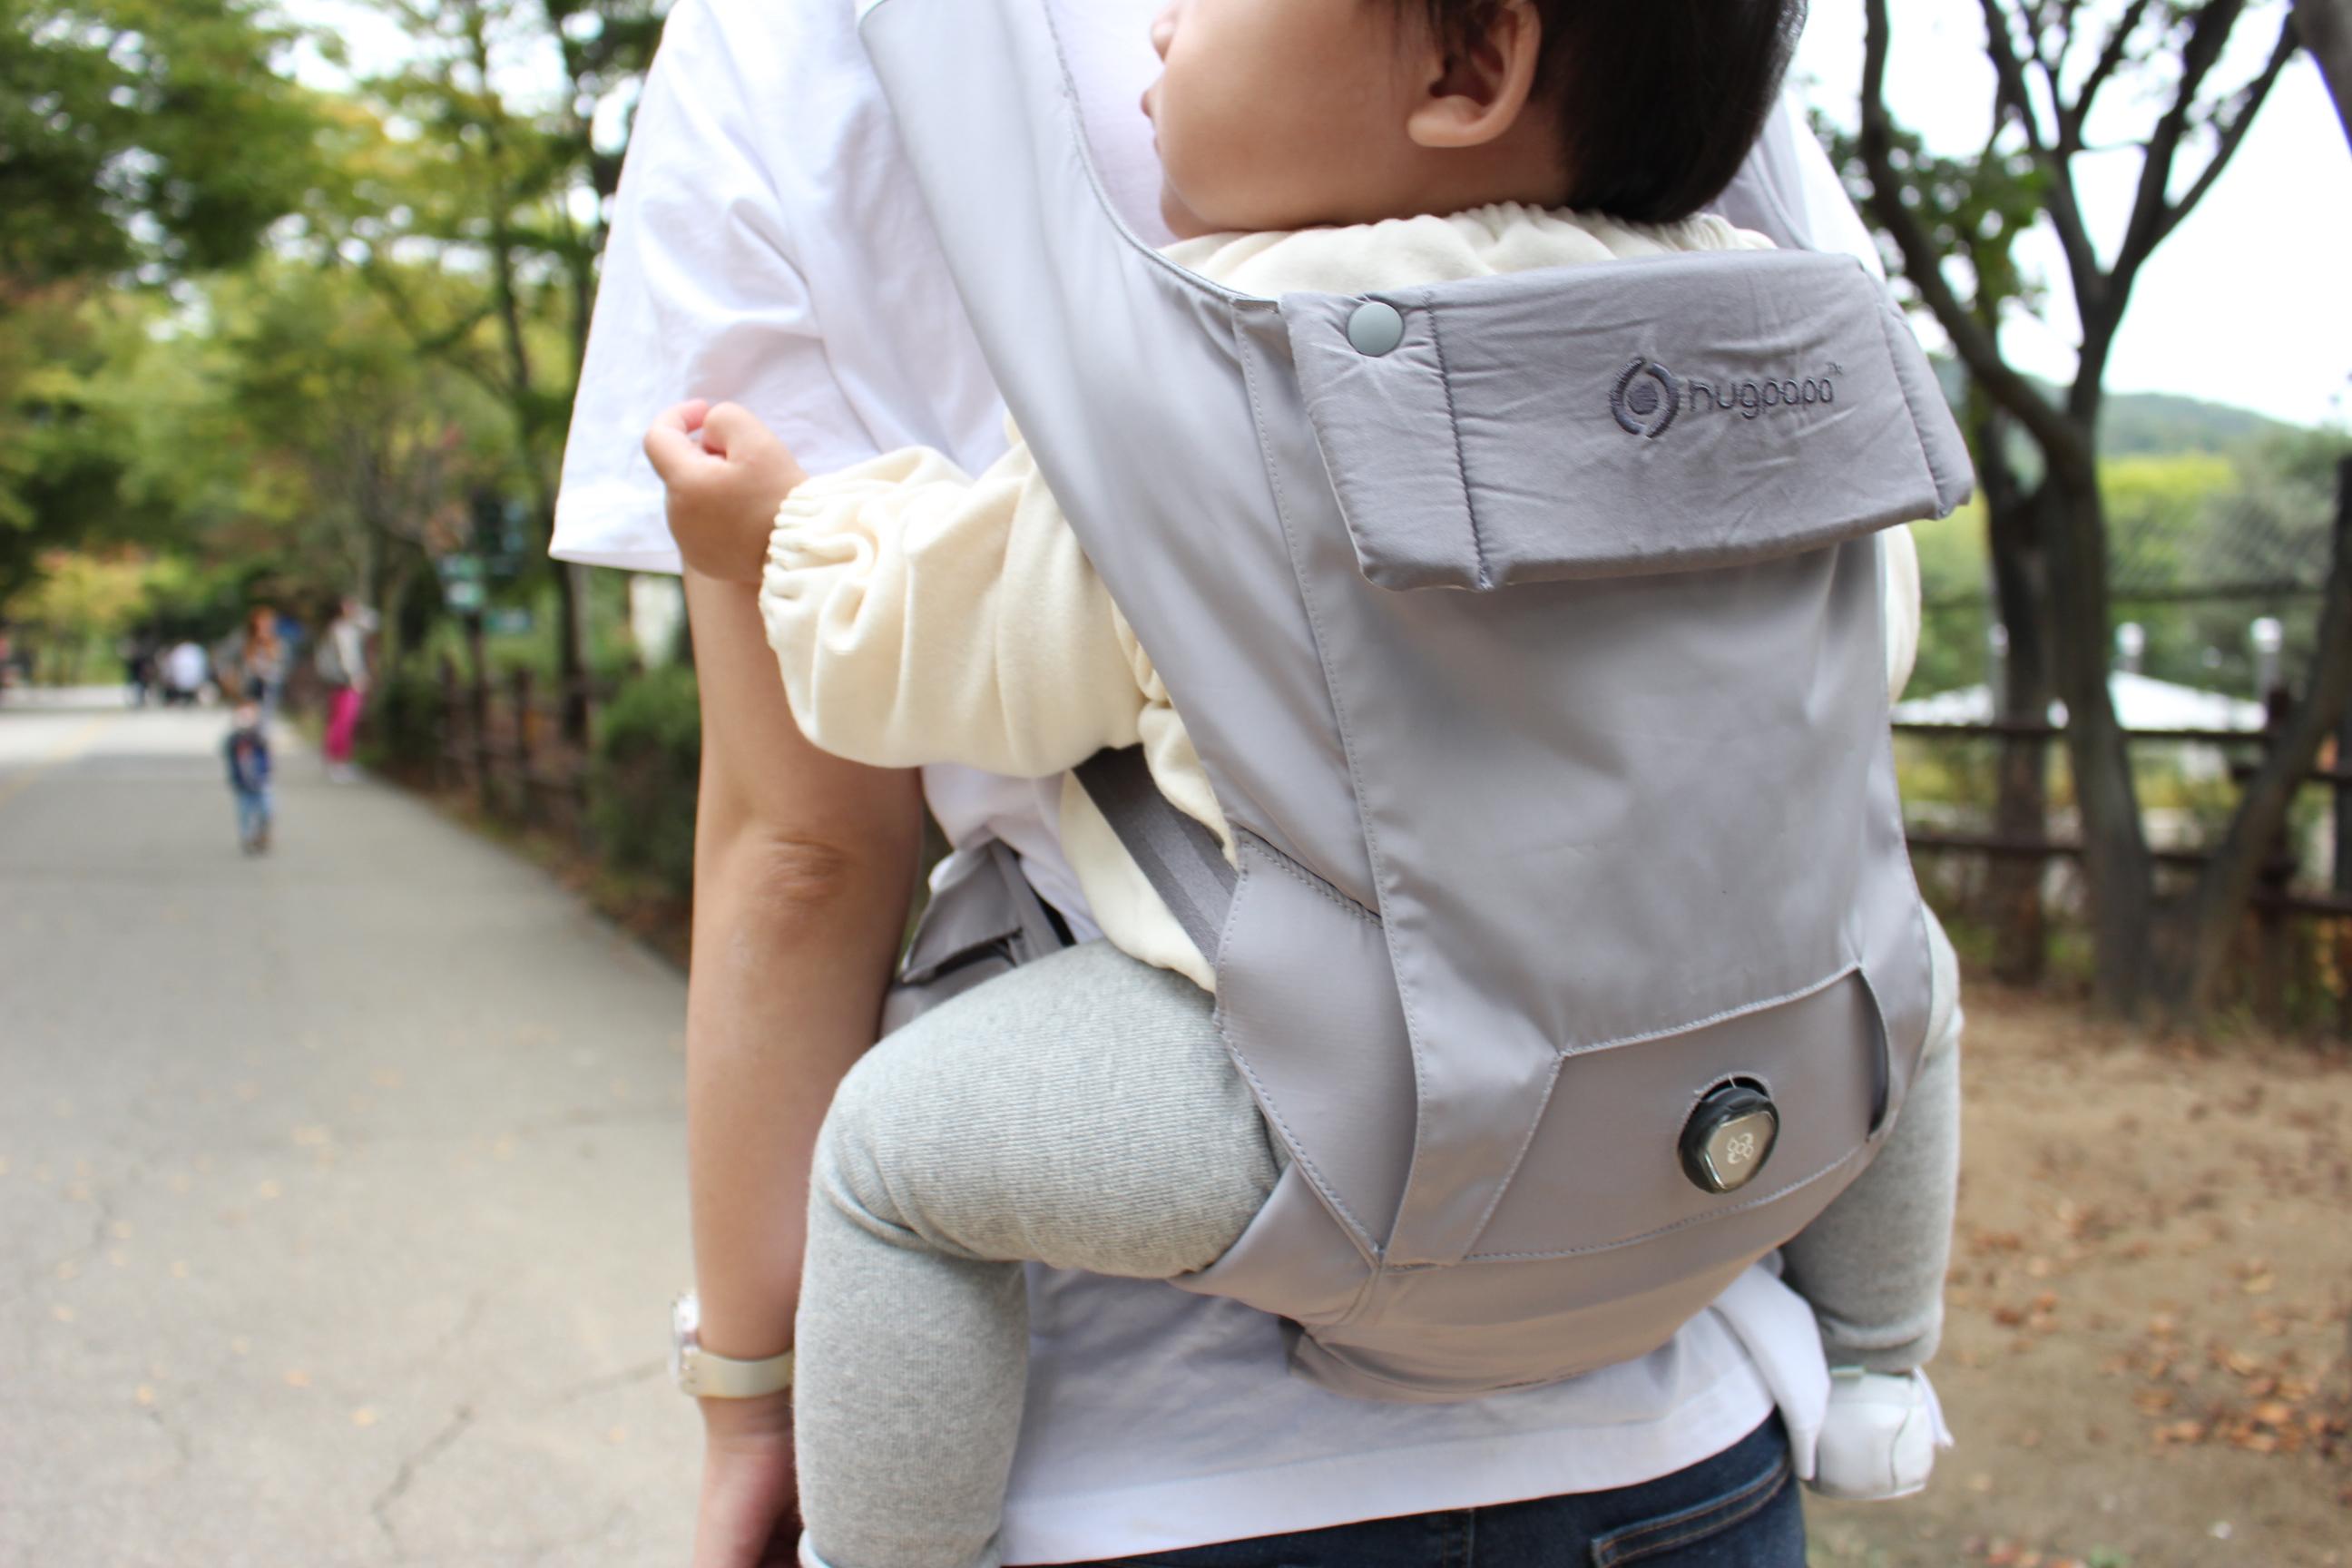 다이얼핏 아기띠 모드 뒷모습